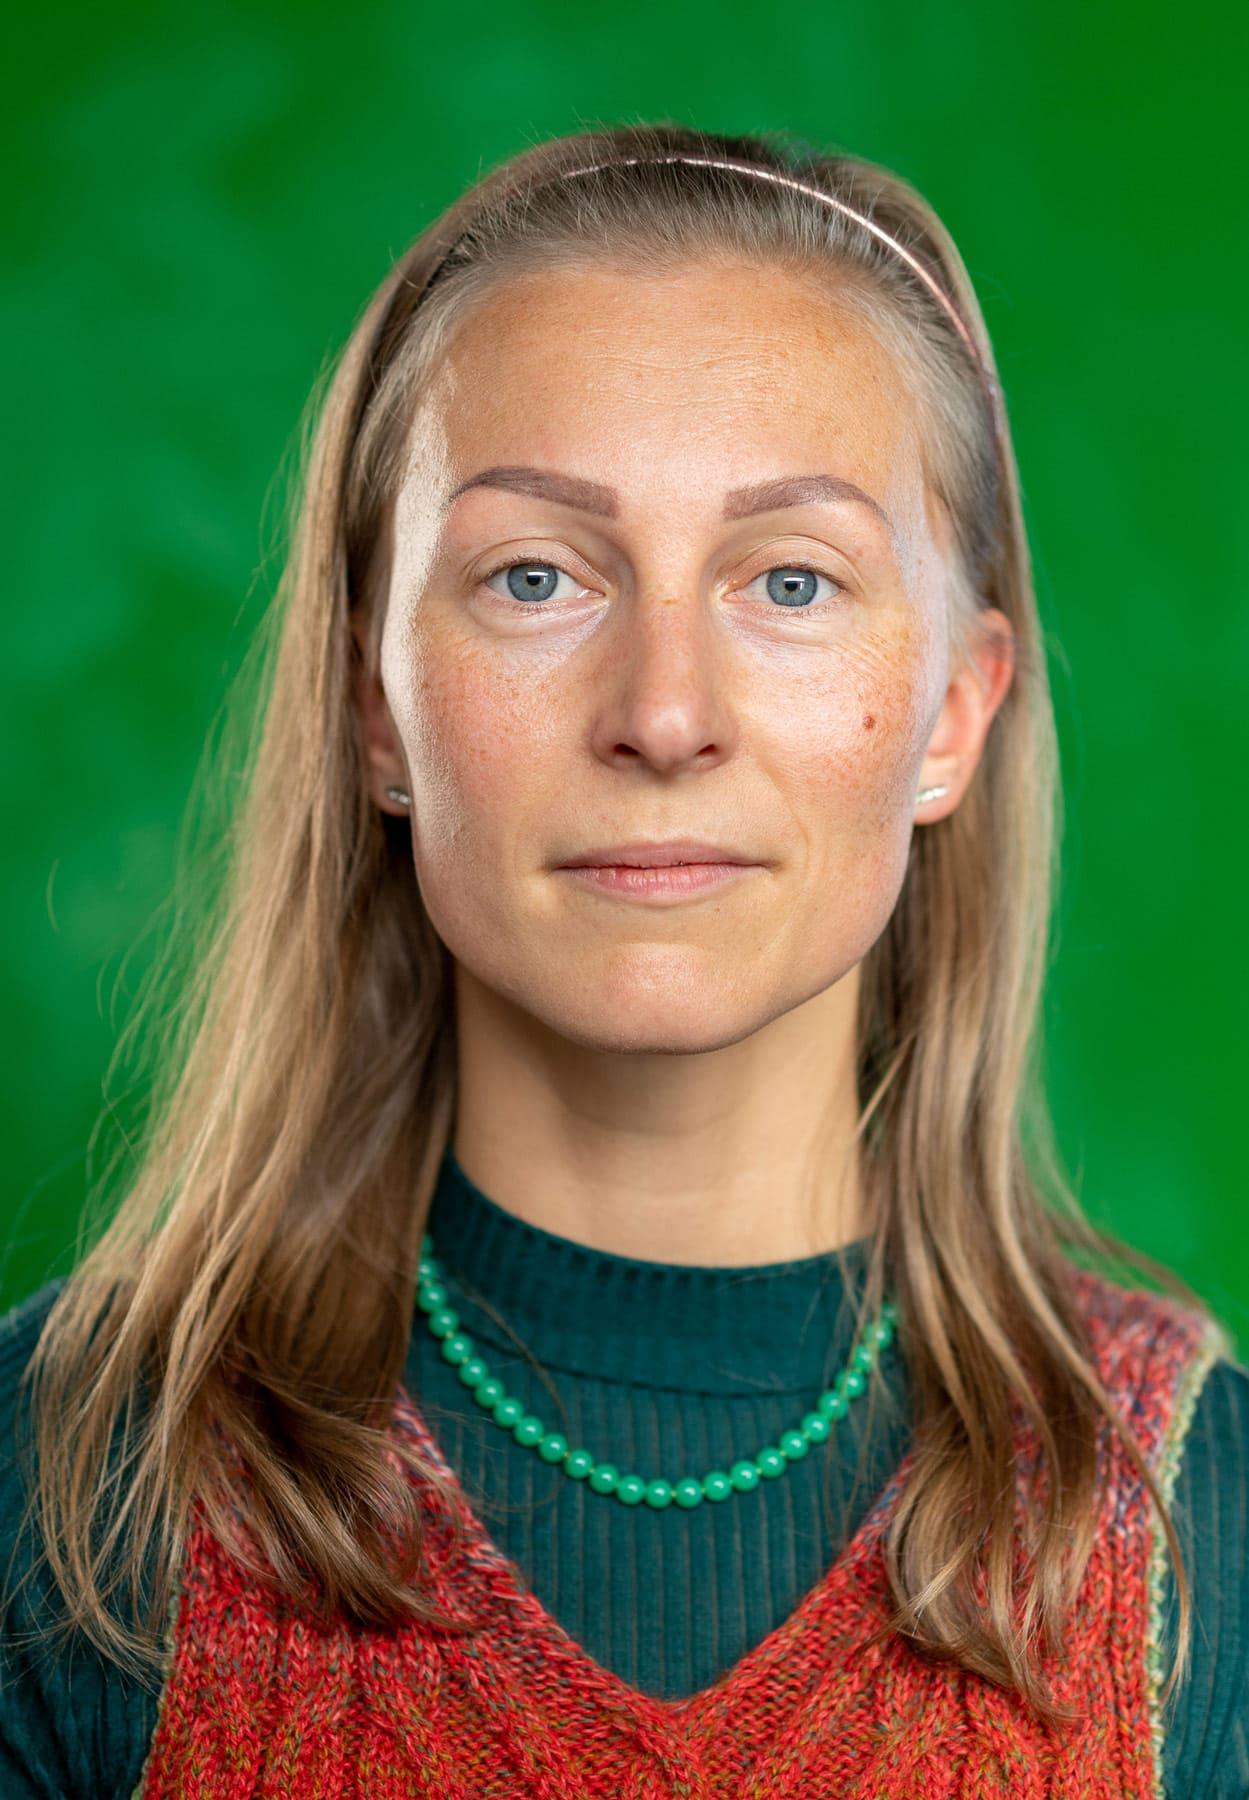 Portrait von einer Frau vor grünem Hintergrund